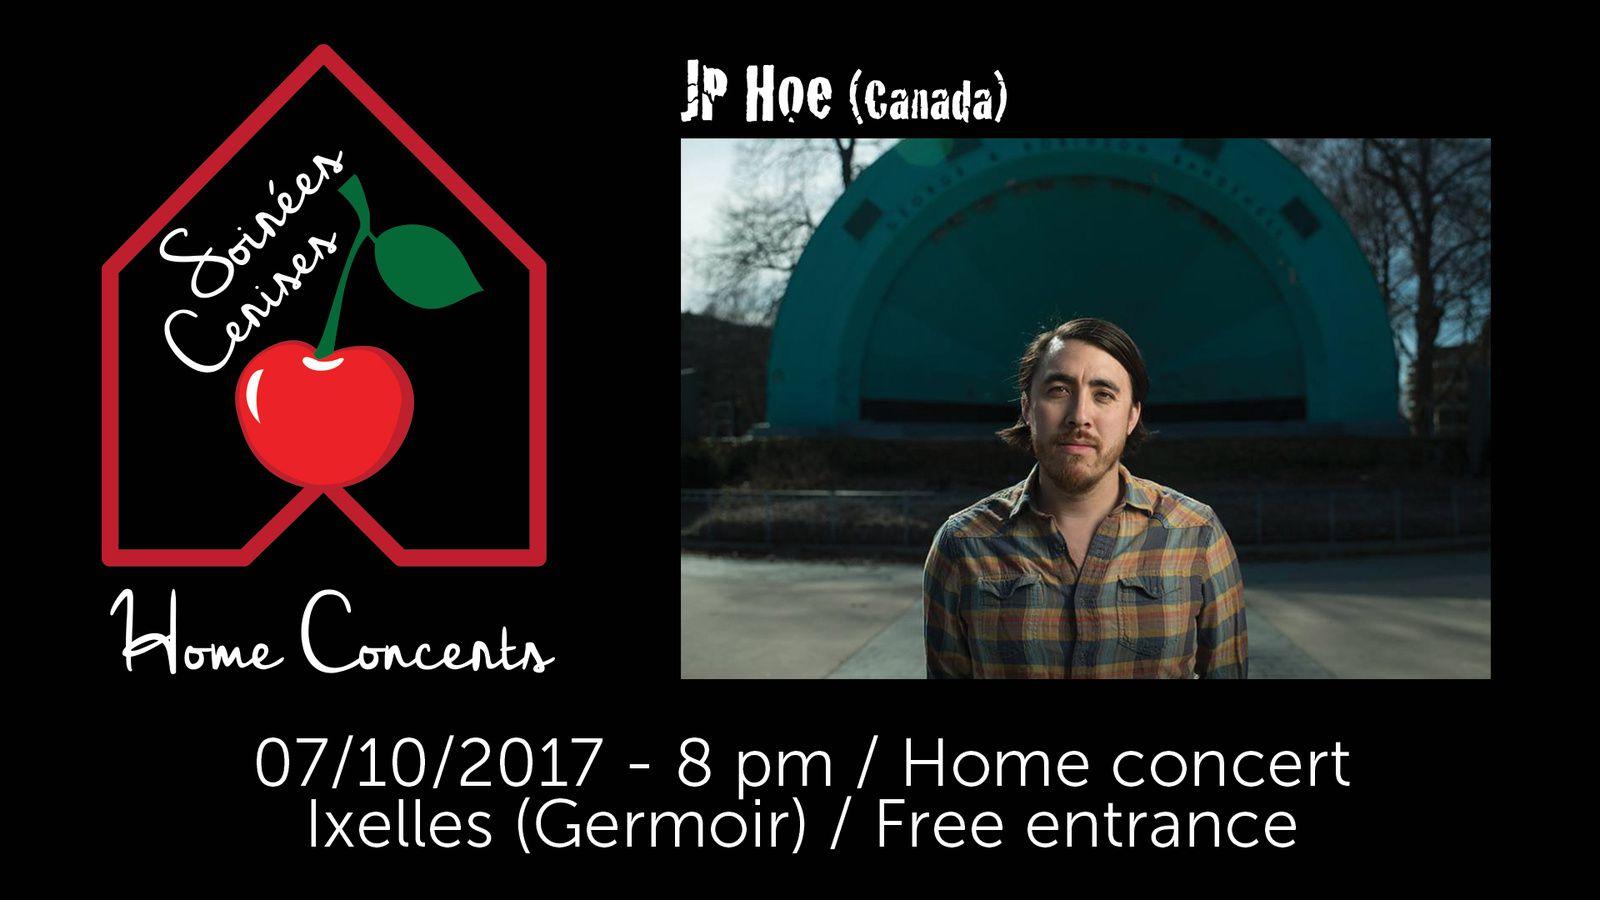 ▶ Concert en appartement avec JP Hoe (Canada) @ Ixelles (Germoir) le samedi 7 octobre à 20h00